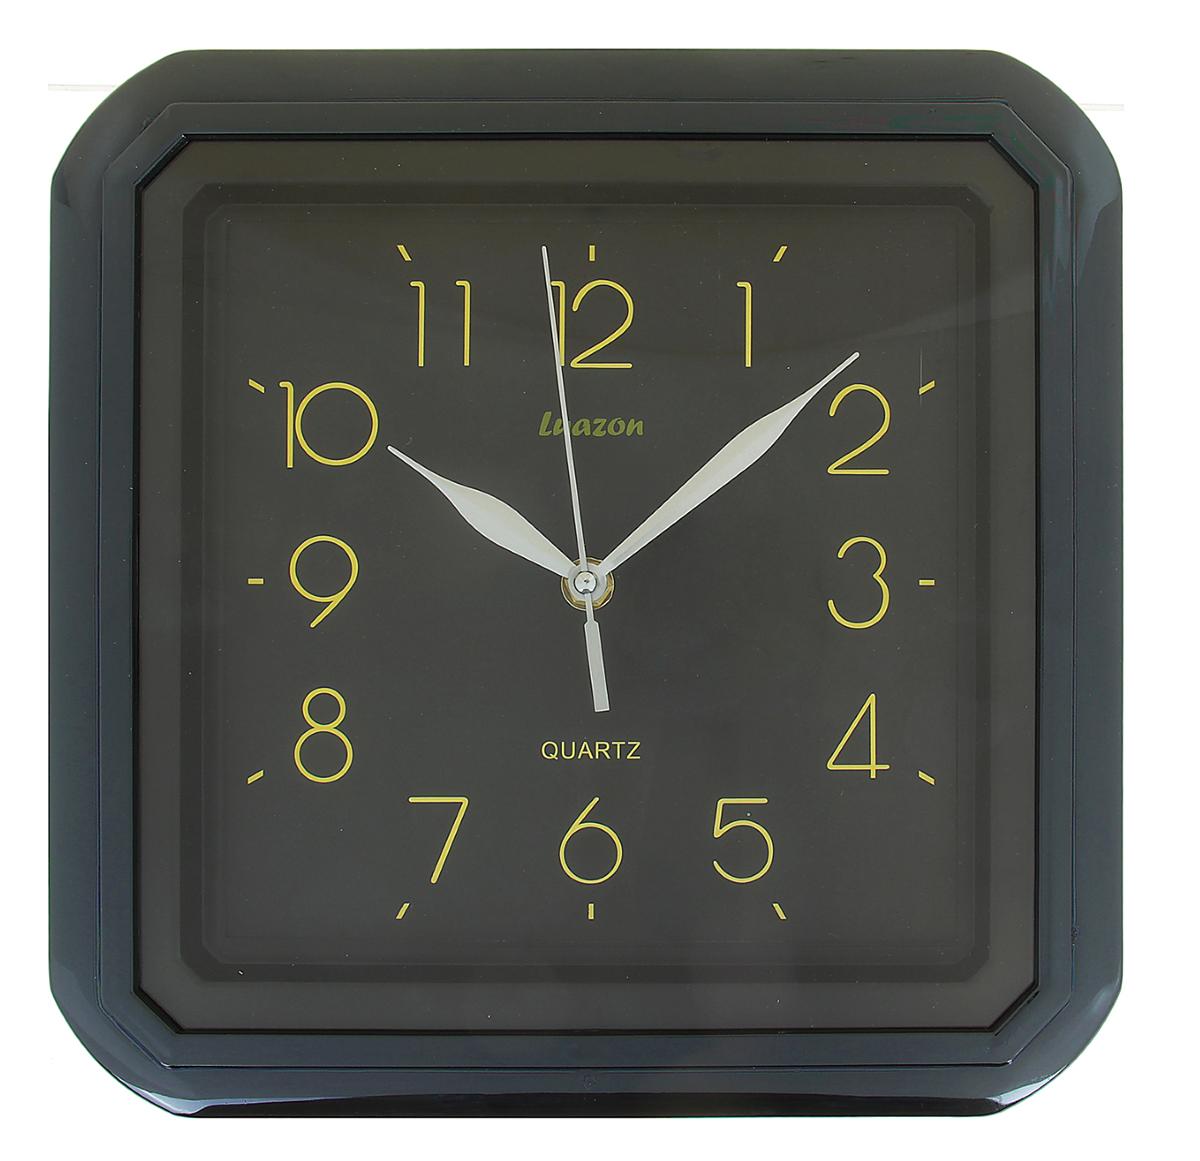 Часы настенные Точное время, 27,2 х 27,2 см837898Каждому хозяину периодически приходит мысль обновить свою квартиру, сделать ремонт, перестановку или кардинально поменять внешний вид каждой комнаты. Часы настенные Точное время — привлекательная деталь, которая поможет воплотить вашу интерьерную идею, создать неповторимую атмосферу в вашем доме. Окружите себя приятными мелочами, пусть они радуют глаз и дарят гармонию.